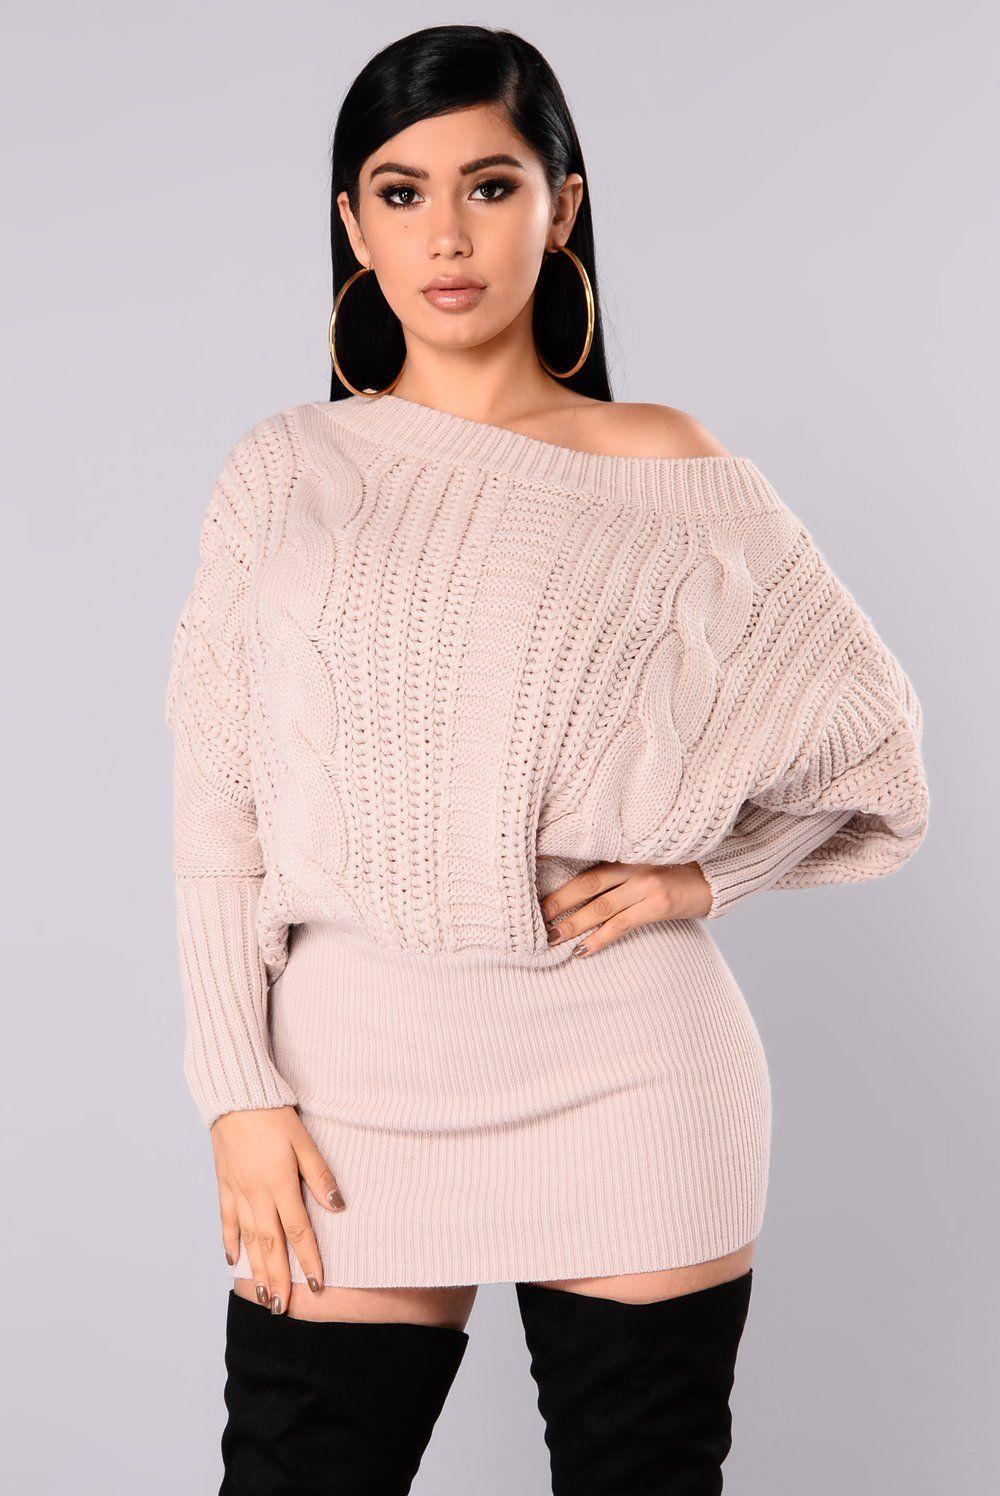 c6fa5ab99eb Millie Cable Knit Sweater - Mauve